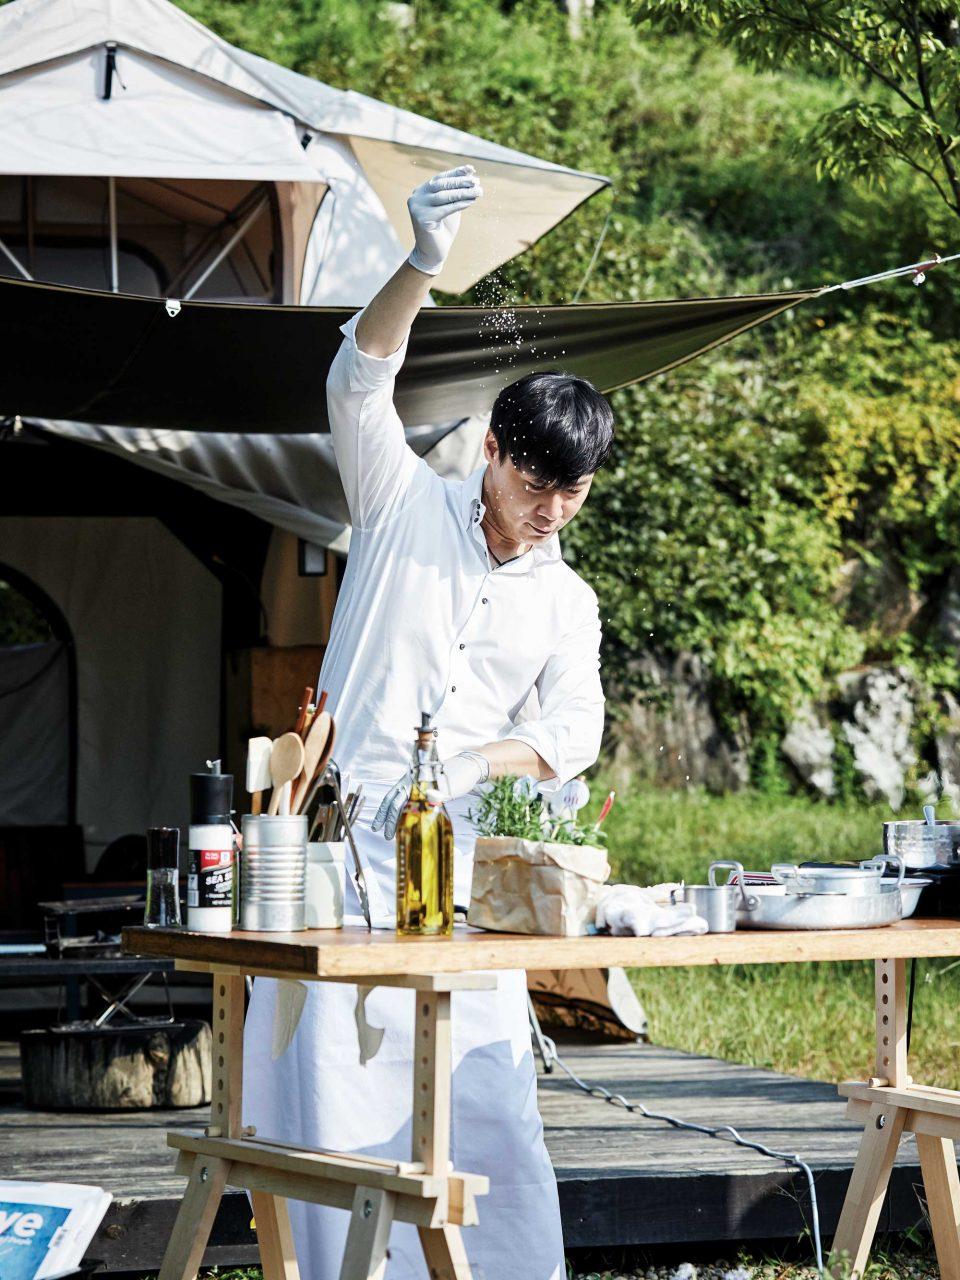 1 ——— 최현석 셰프가 그의 전매 특허인 소금 뿌리기 포즈로 글램핑 요리를 시연 중이다.